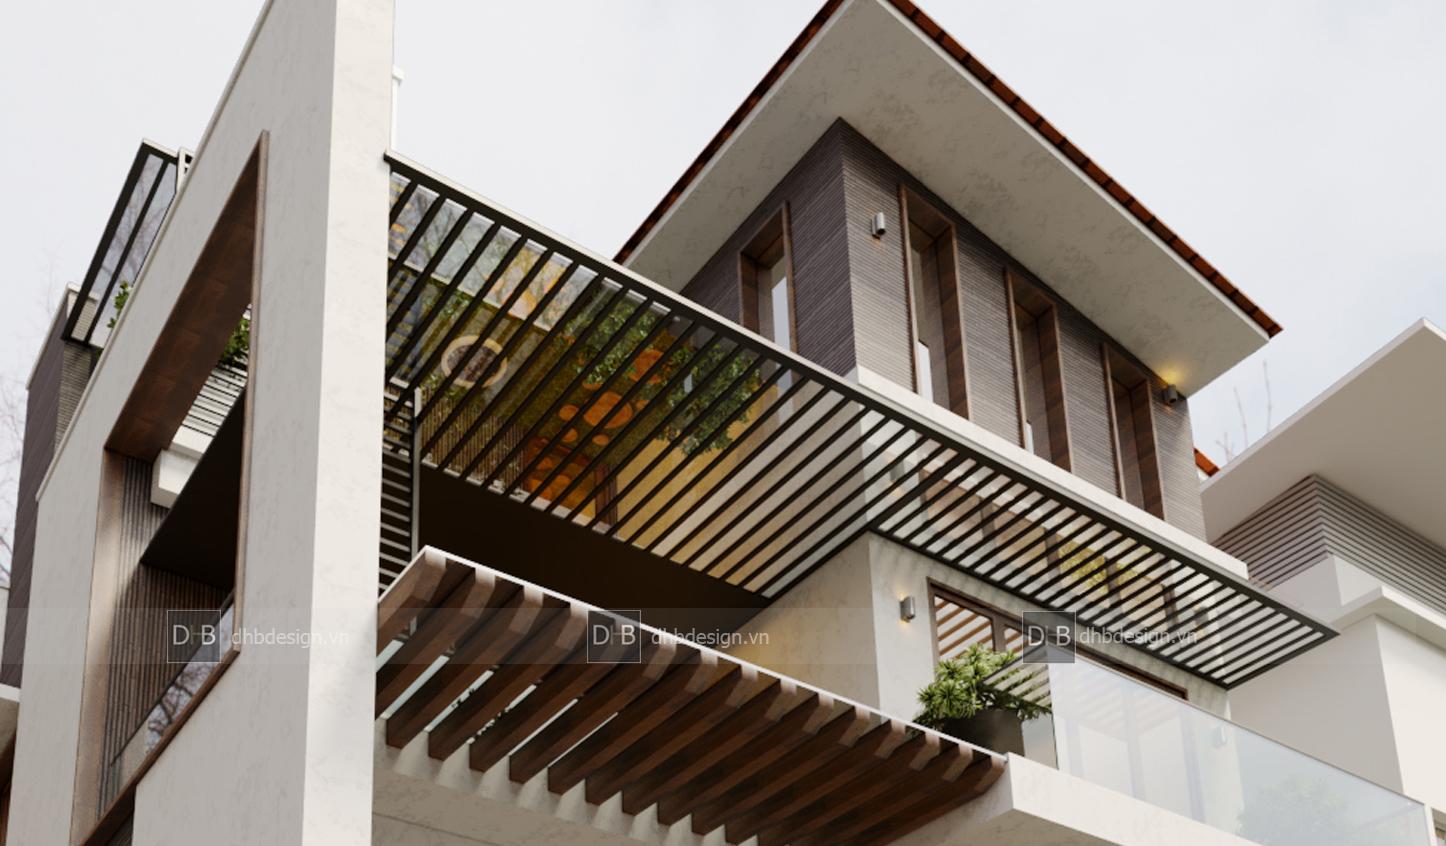 thiết kế Biệt Thự 3 tầng tại Hà Nội Biệt Thự Phố 13 1553137928